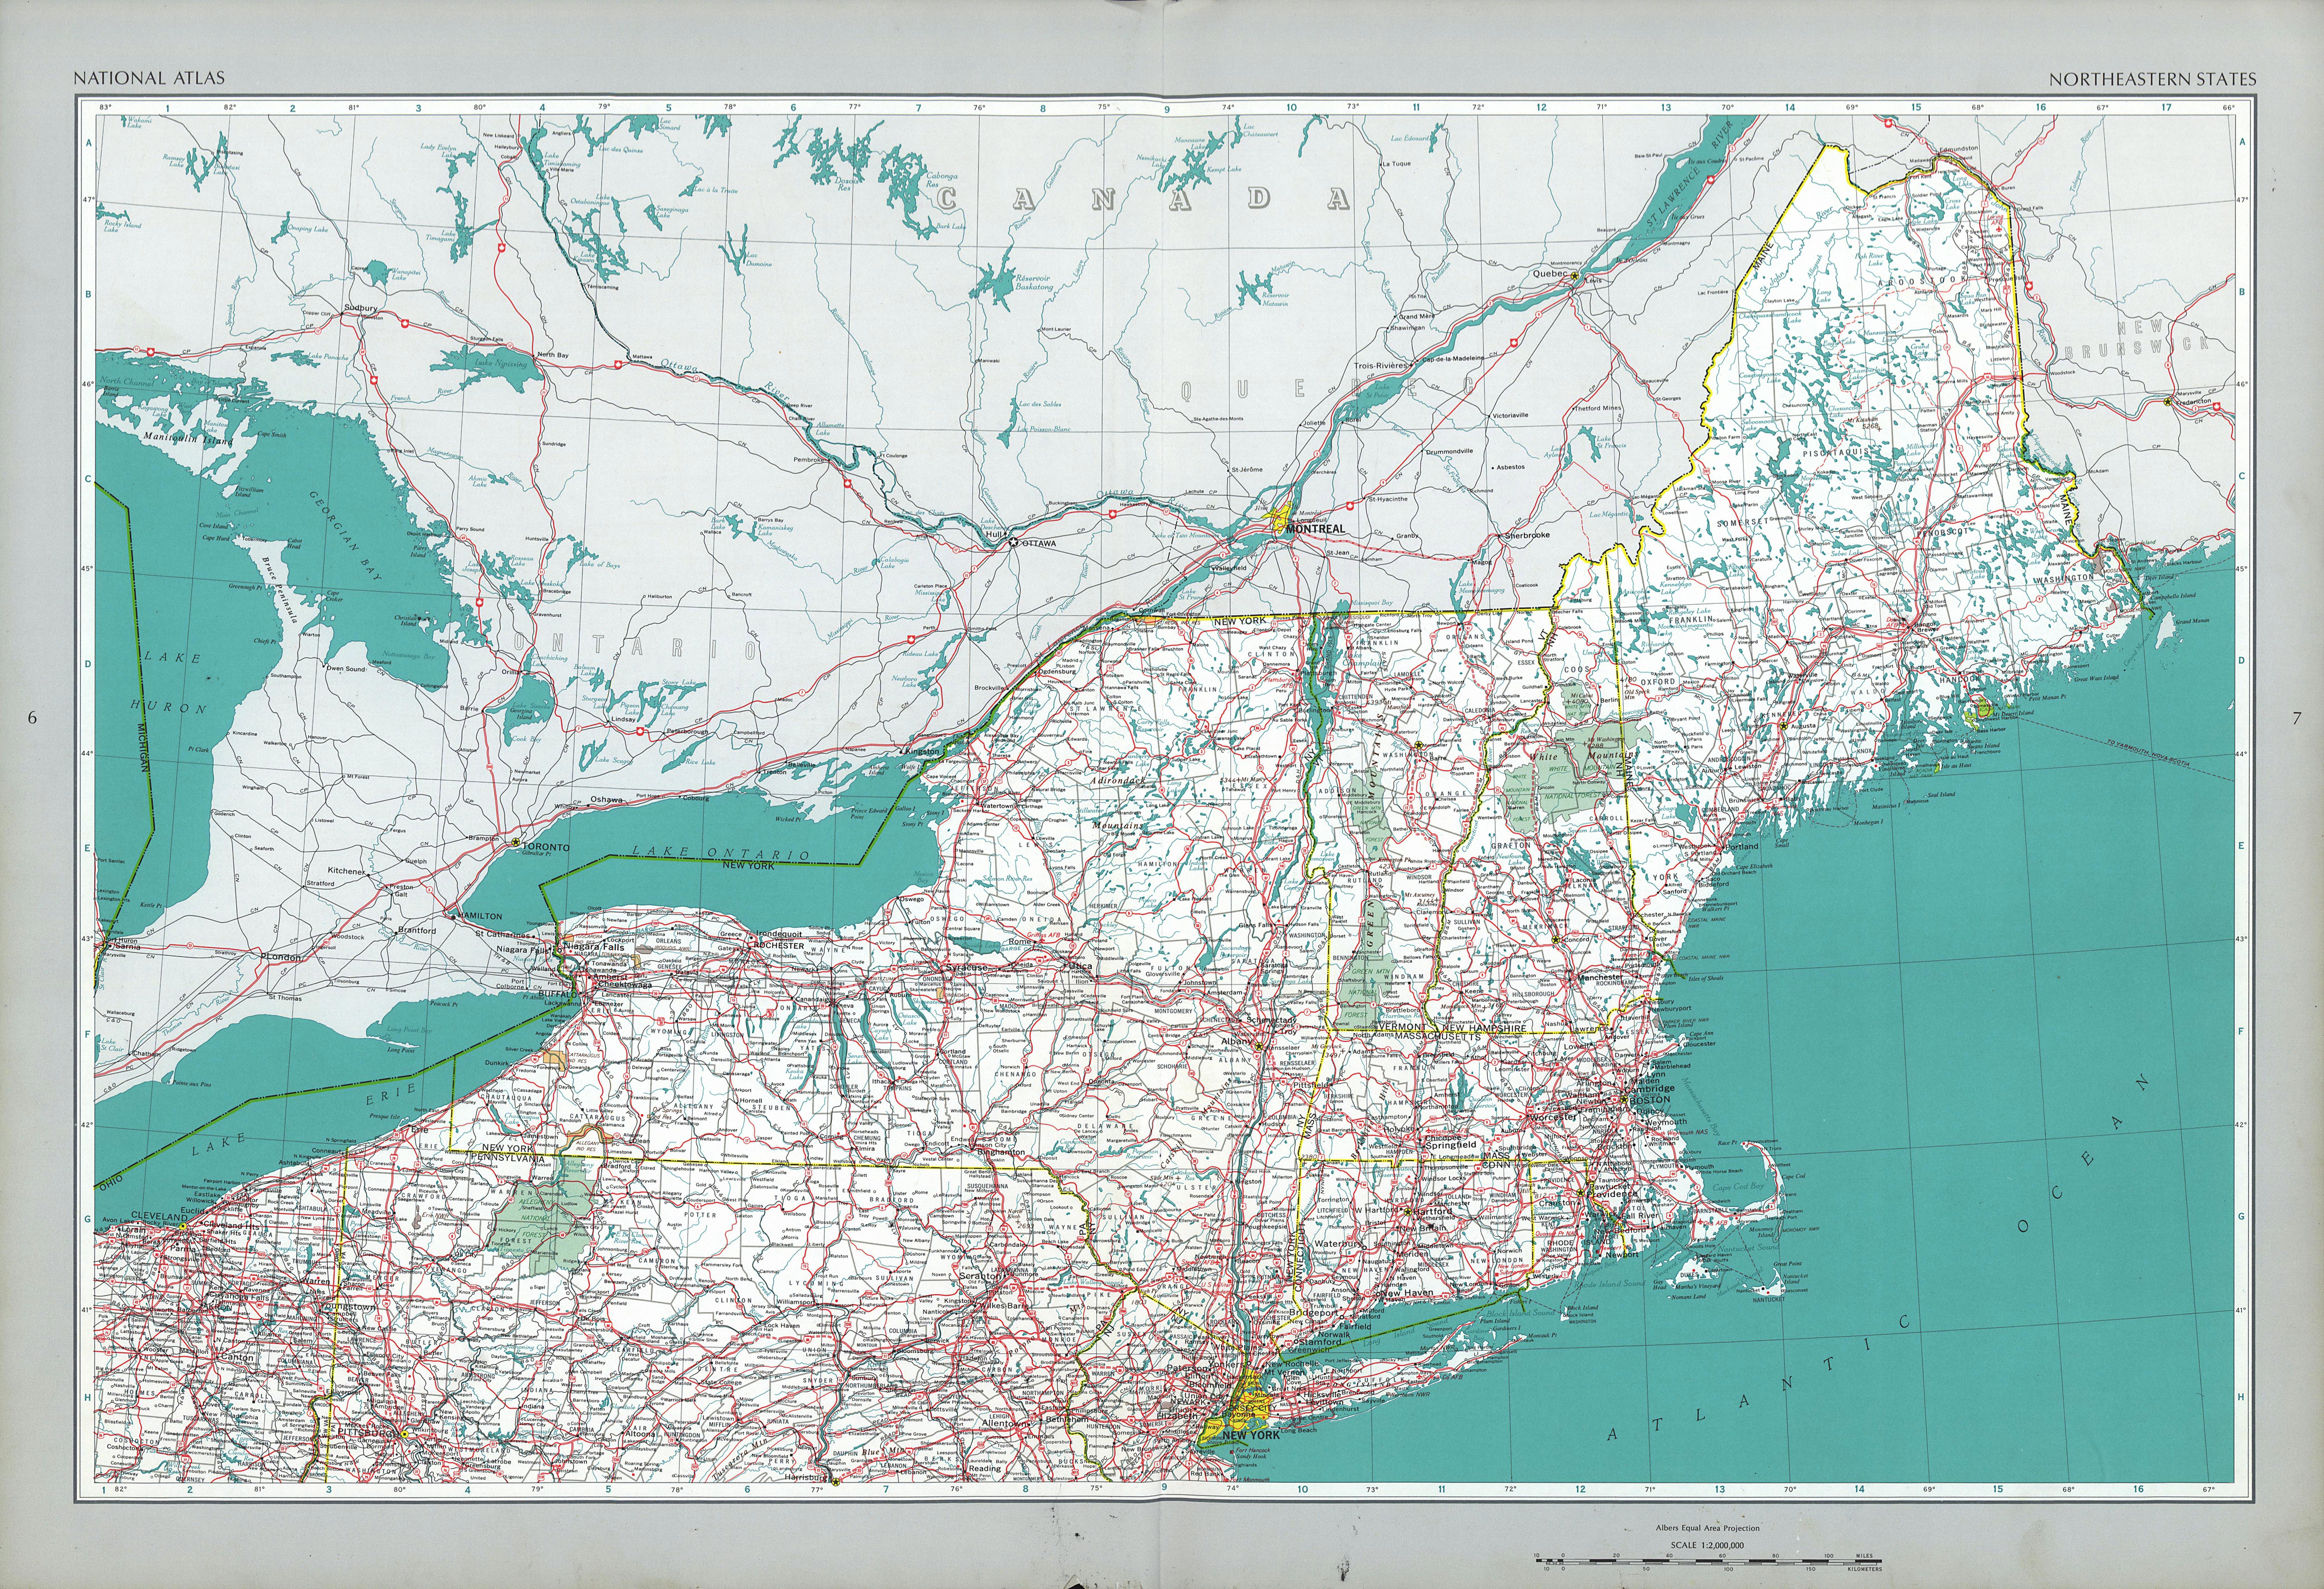 Mapa de los Estados del Noreste de Estados Unidos